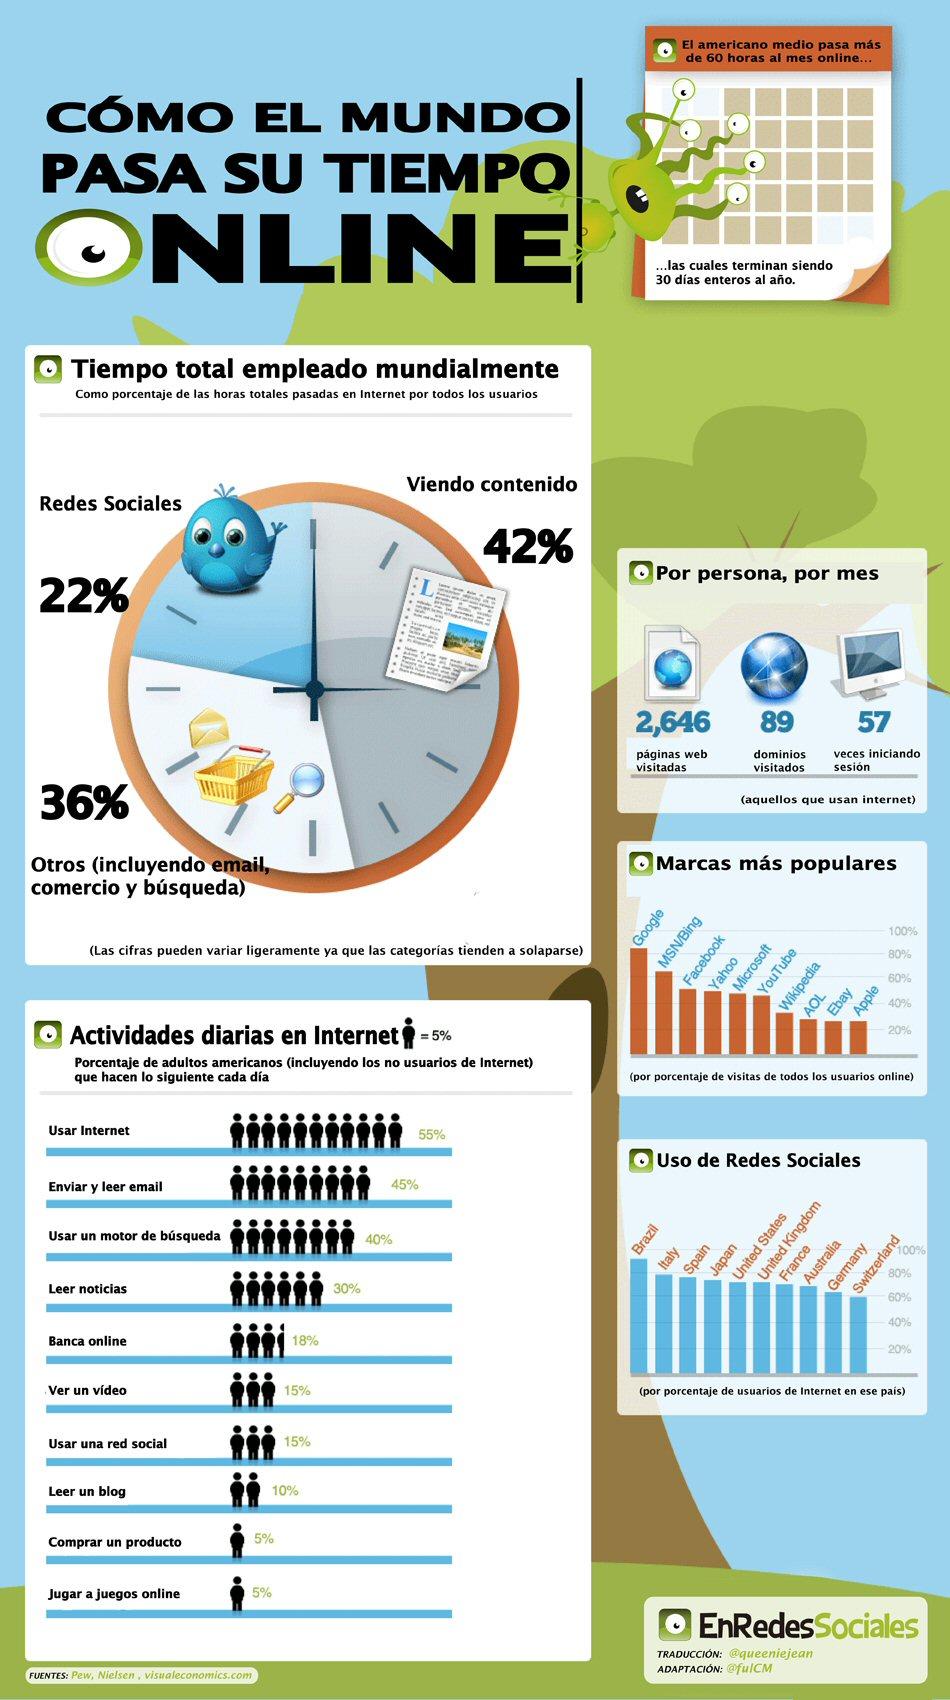 Infografía de cómo invertimos nuestro tiempo en Internet